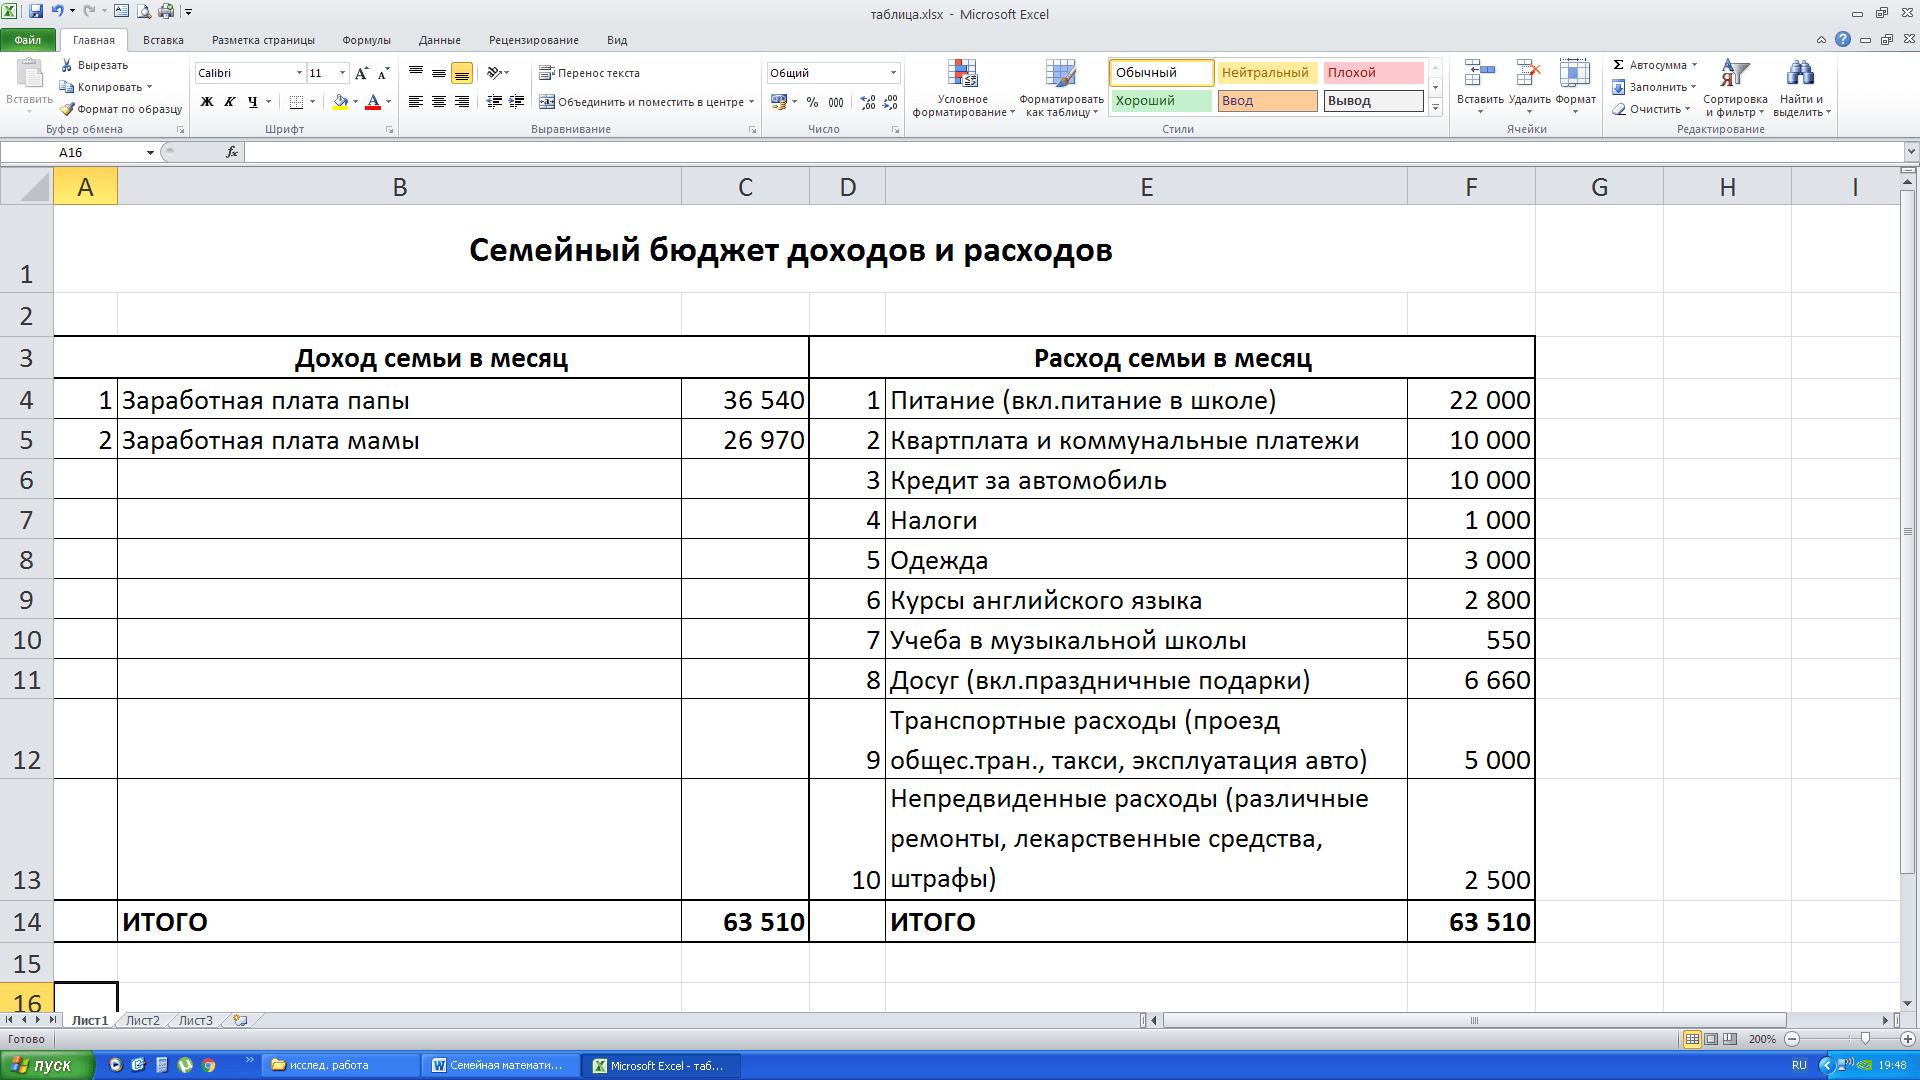 таблица семейного бюджета